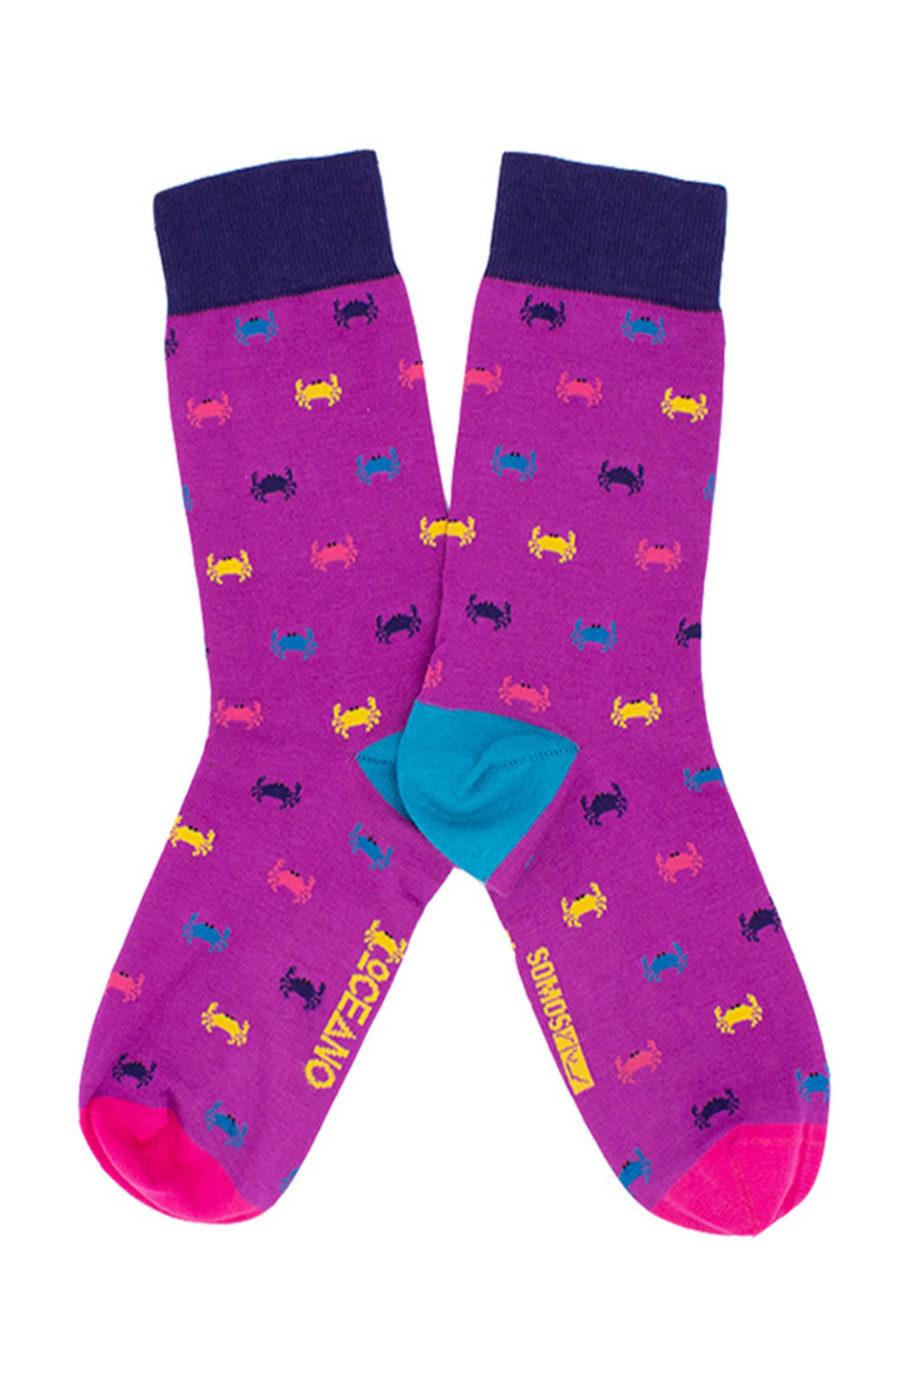 somosoceano-calcetines-necoras-mix